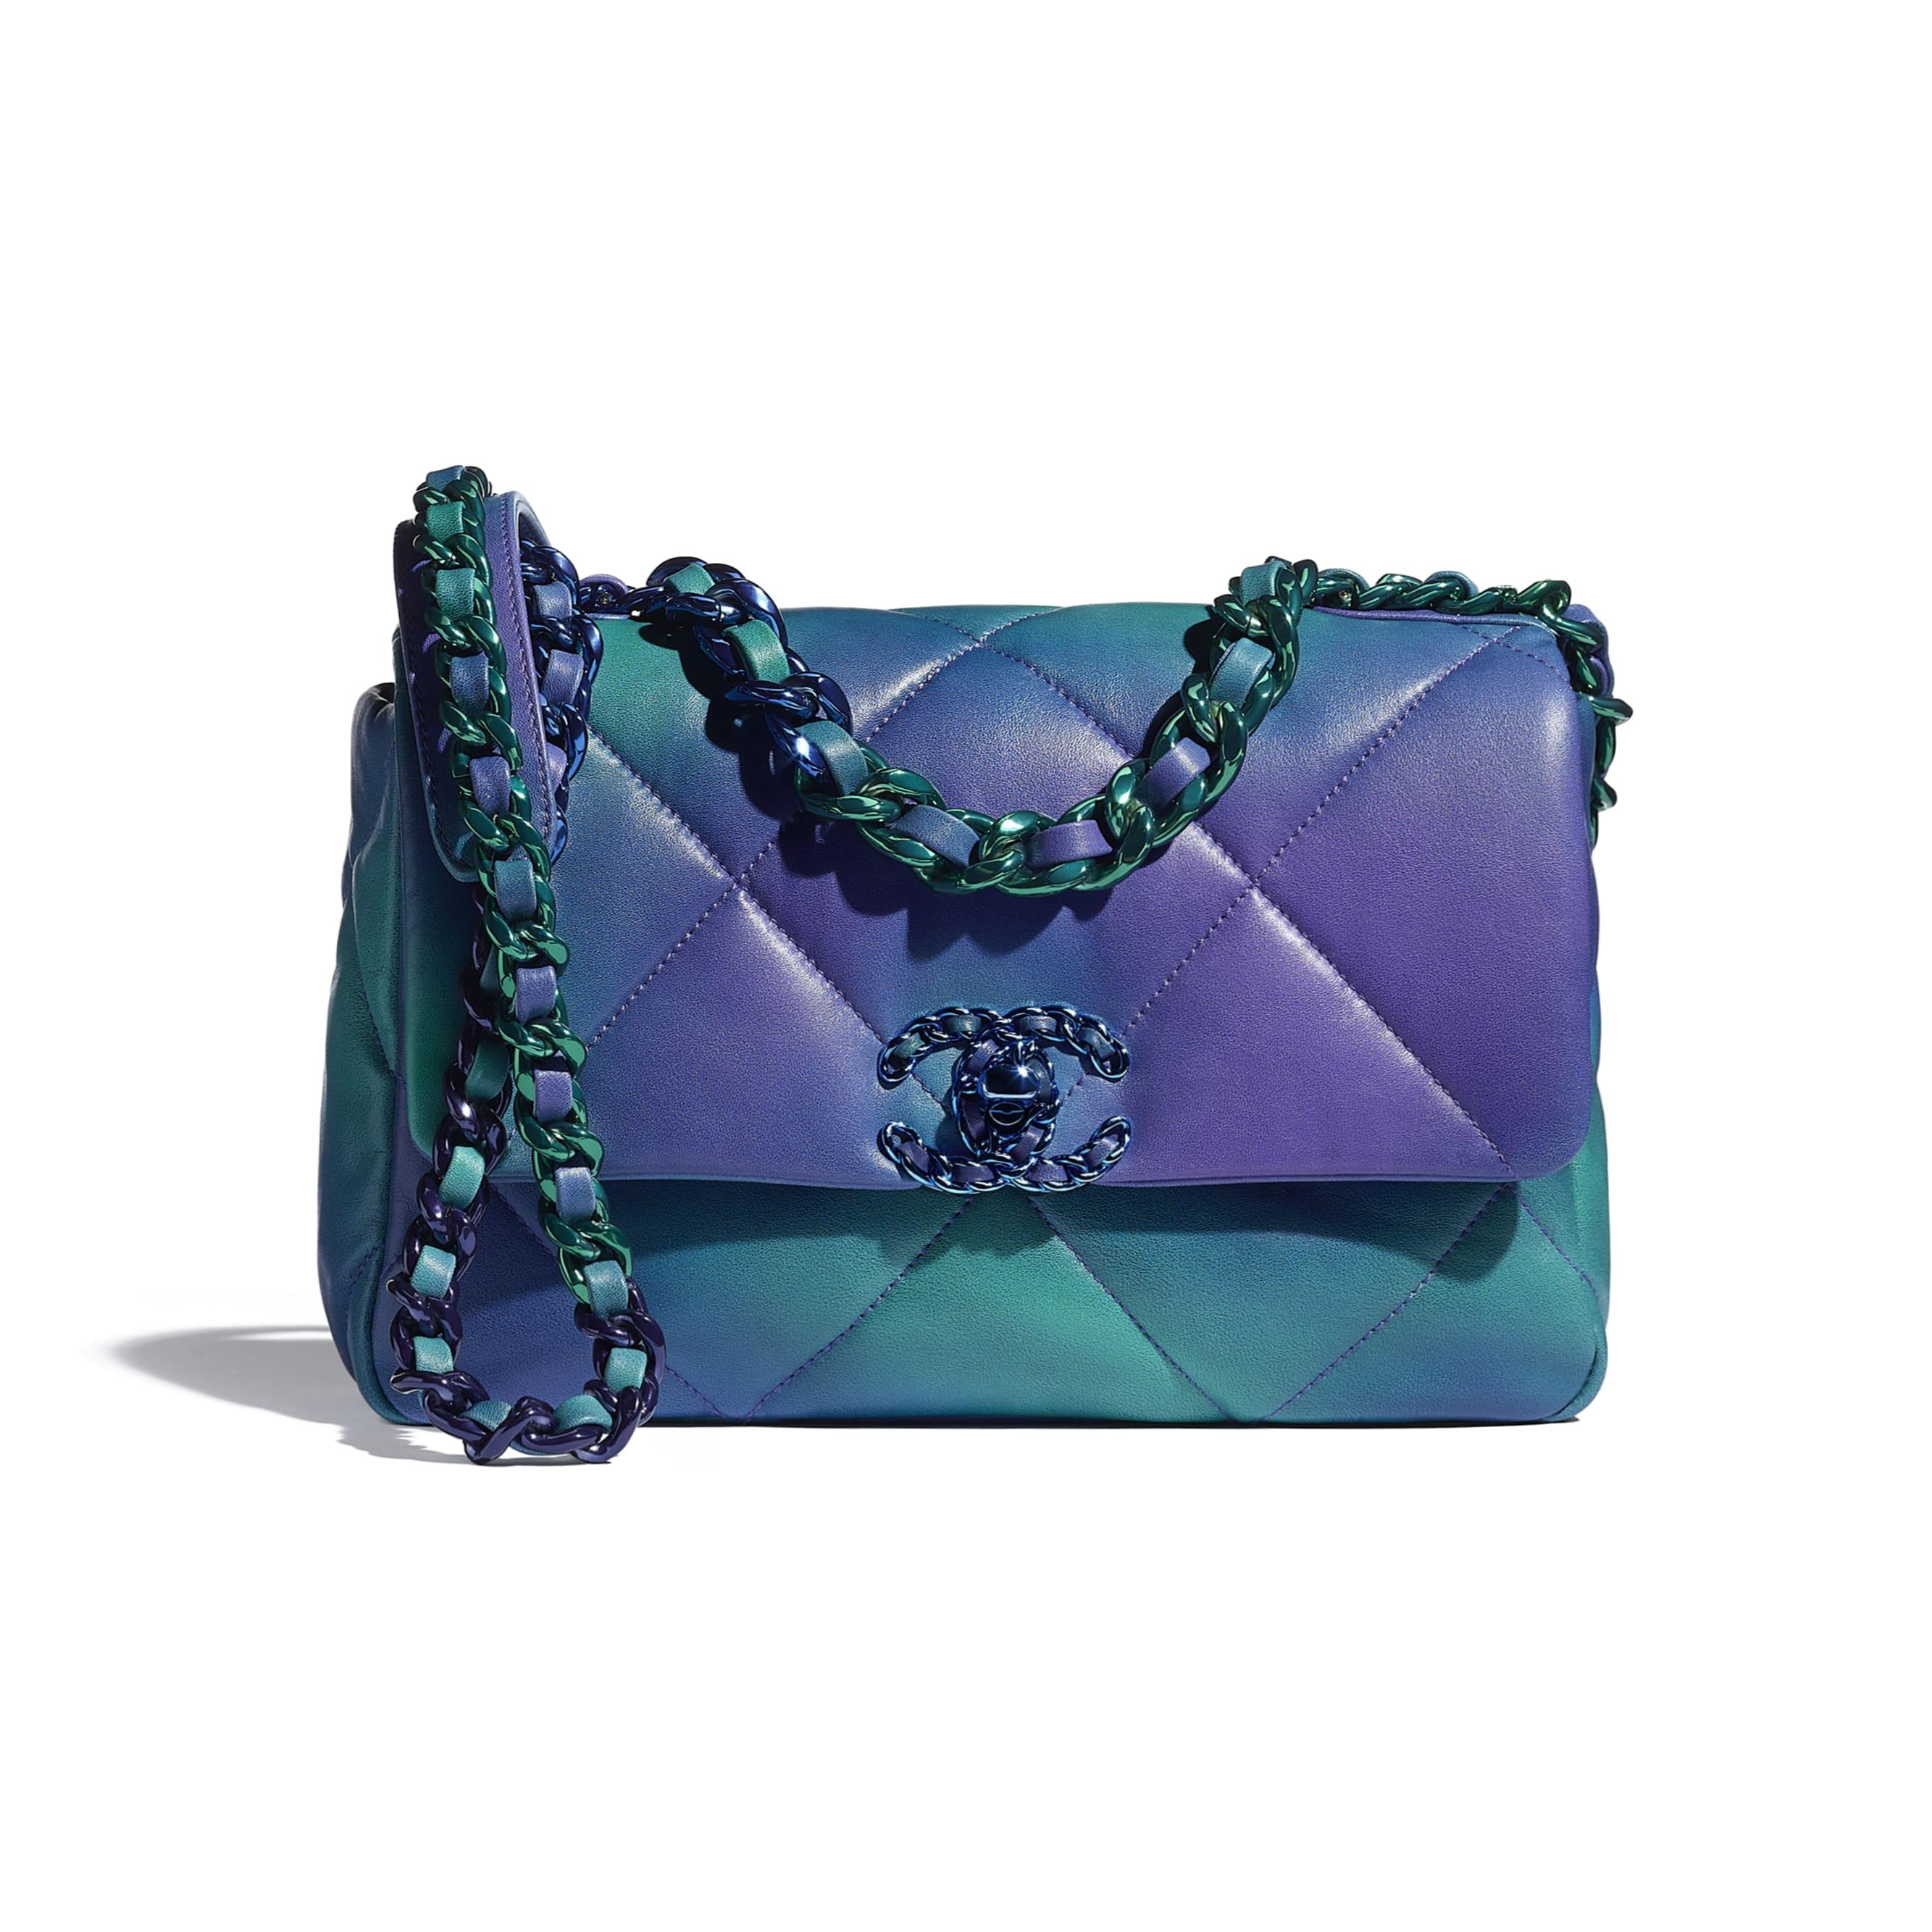 Sac à rabat CHANEL 19 - Bleu et violet - Veau tie and dye & métal laqué - CHANEL - Vue par défaut - voir la version taille standard